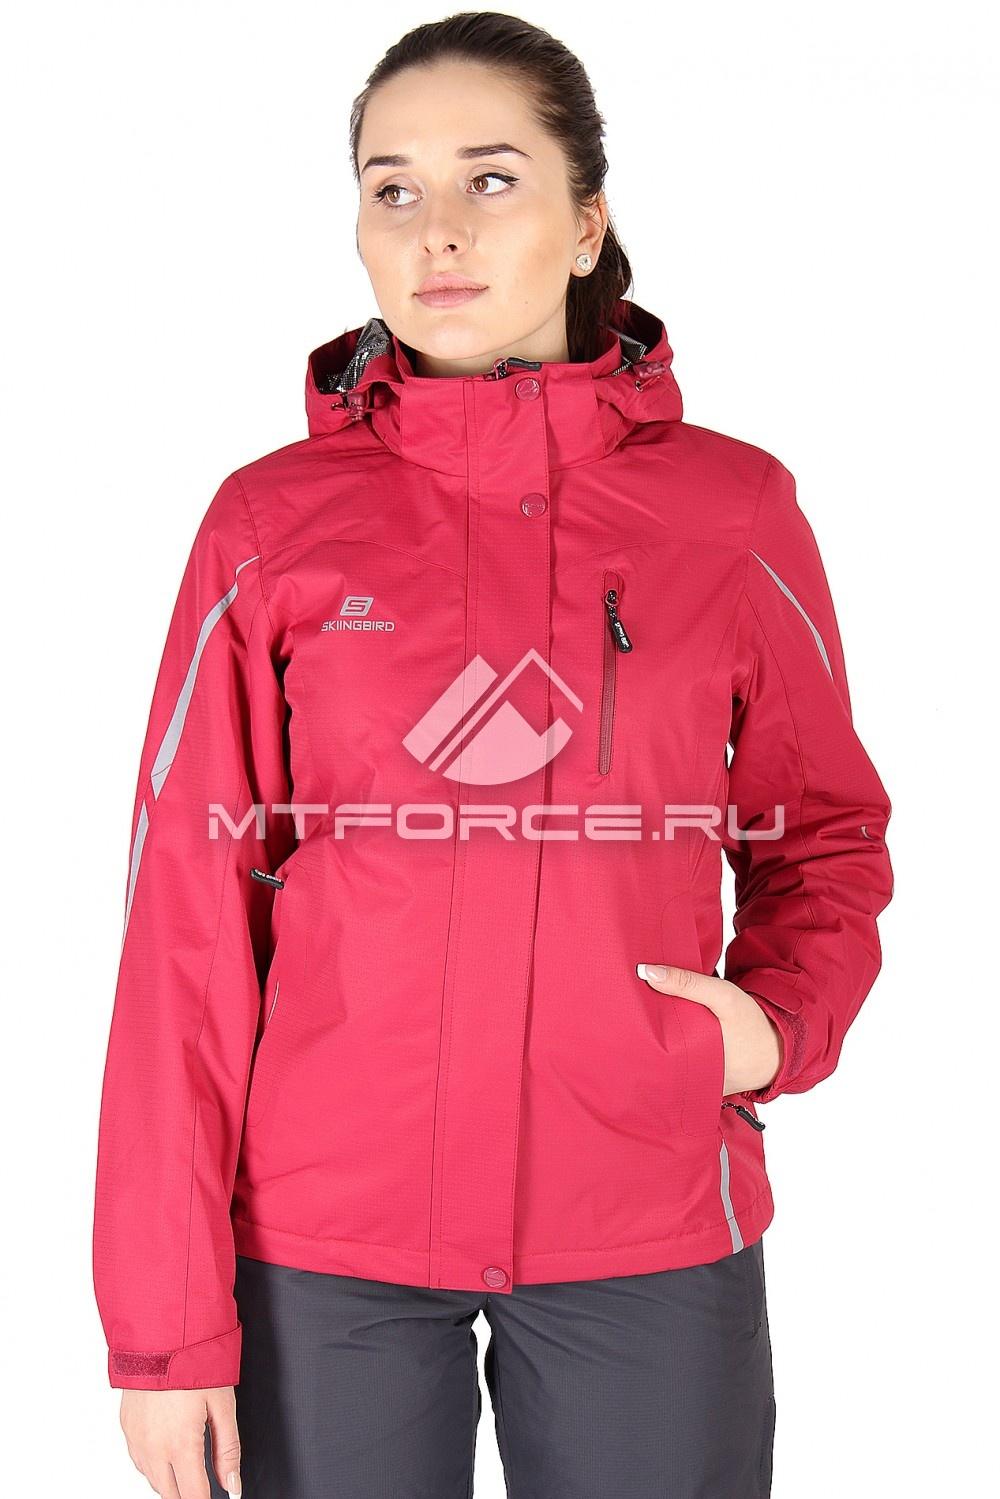 Купить                                  оптом Куртка спортивная женская весна красного цвета 1617Kr